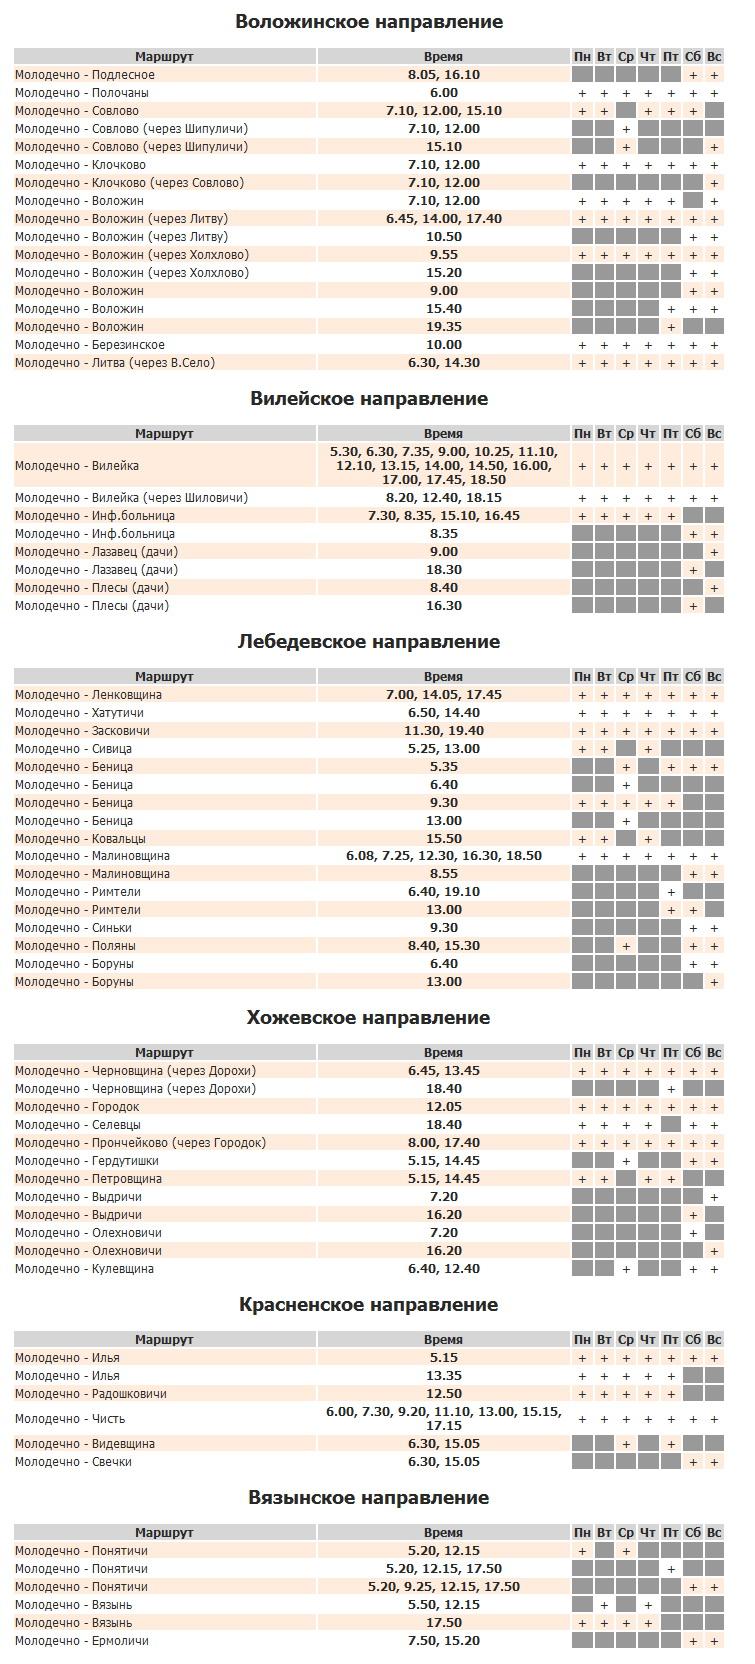 расписание скоростных электричек бобруйск-минск физической нагрузке обычном